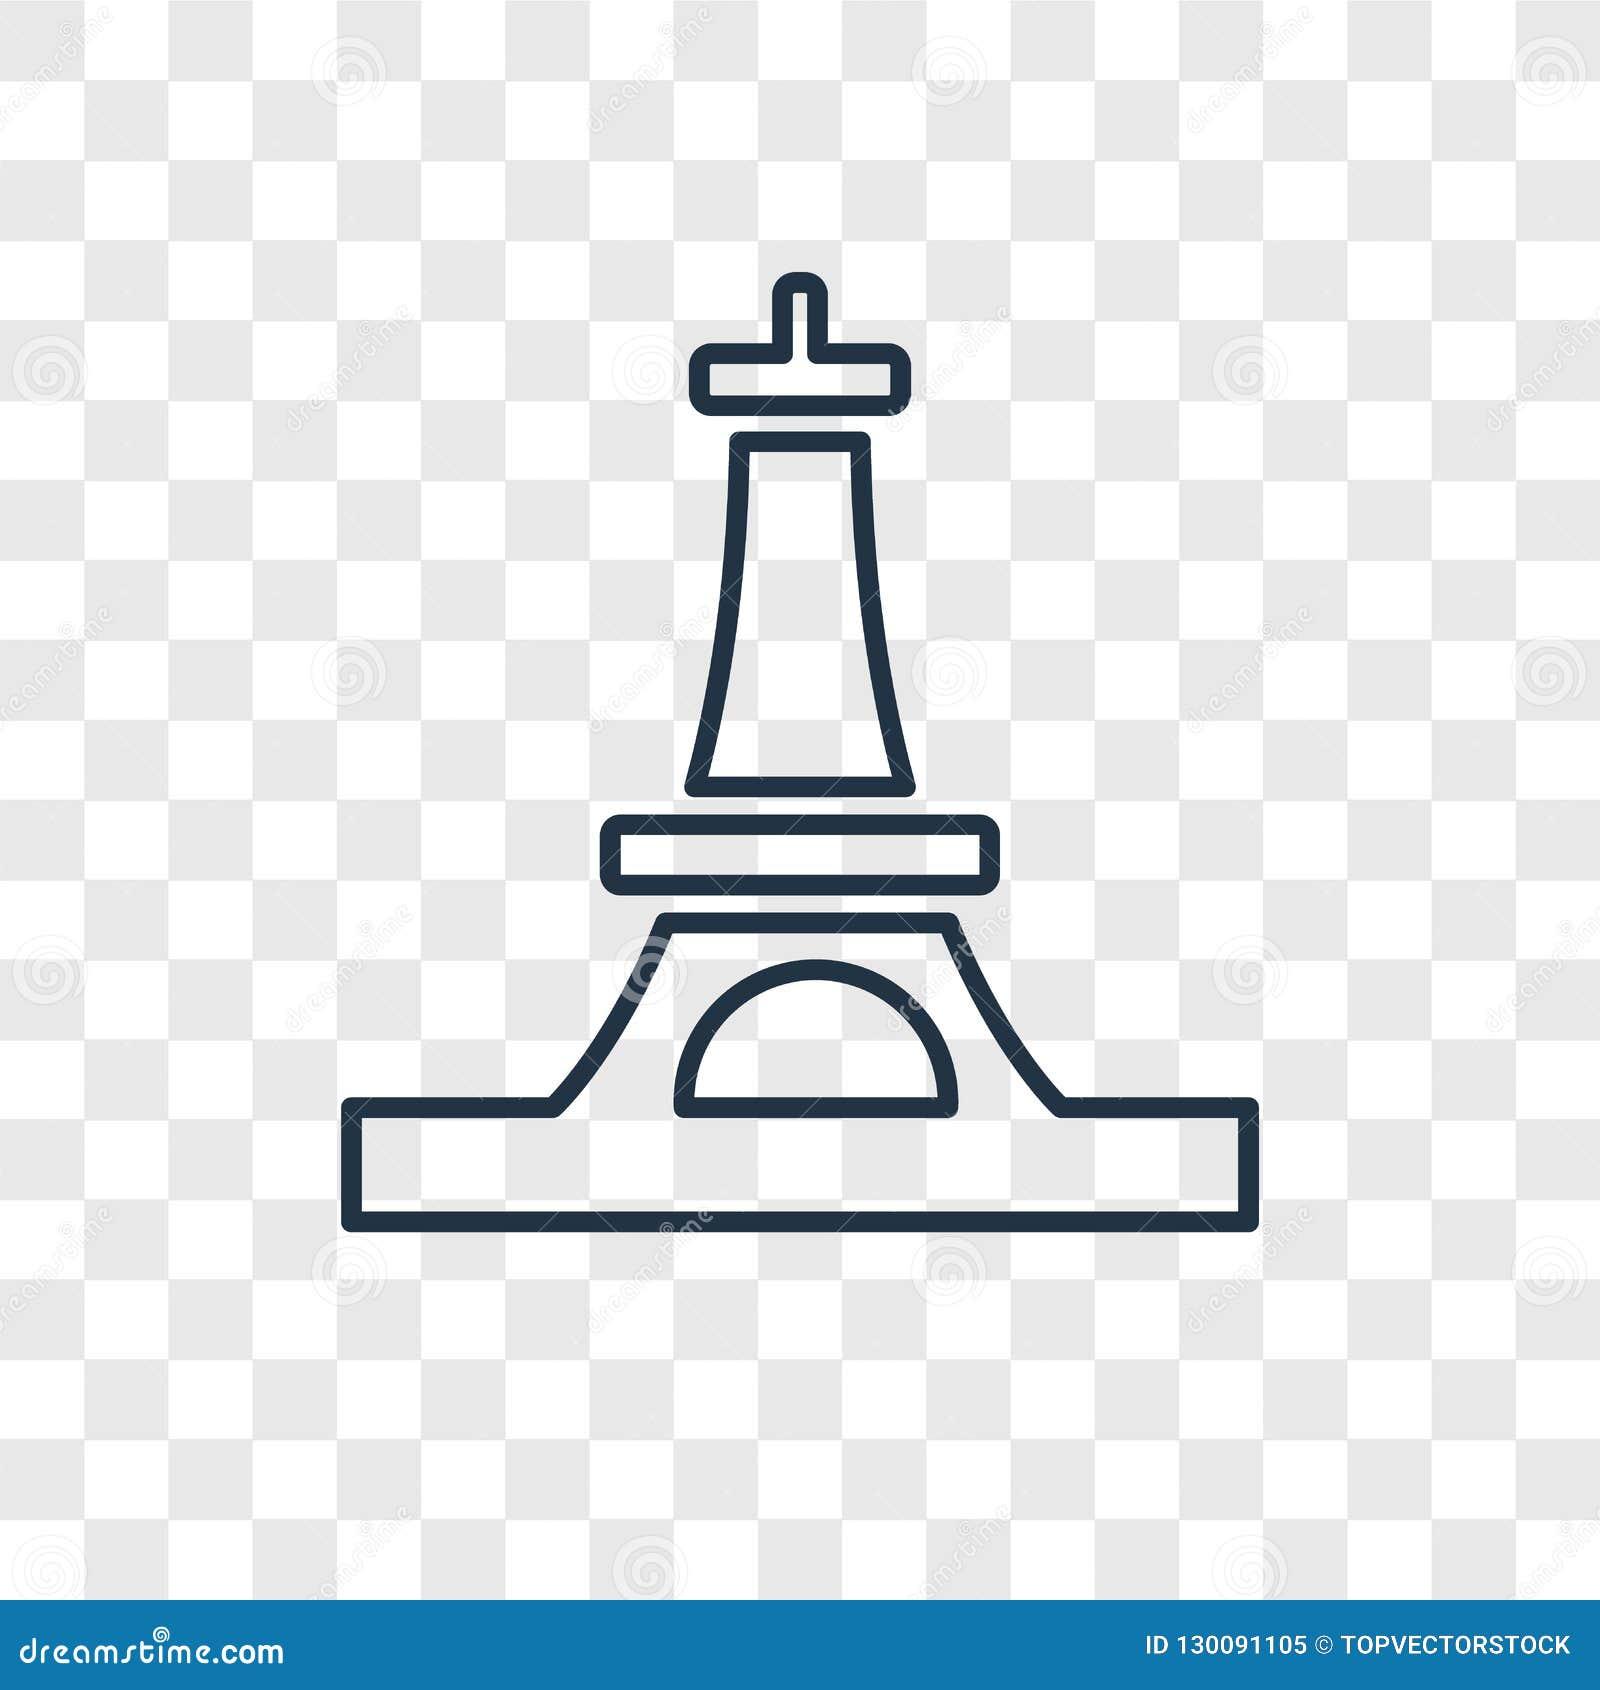 Icono linear del vector del concepto de la torre Eiffel aislado en transparente